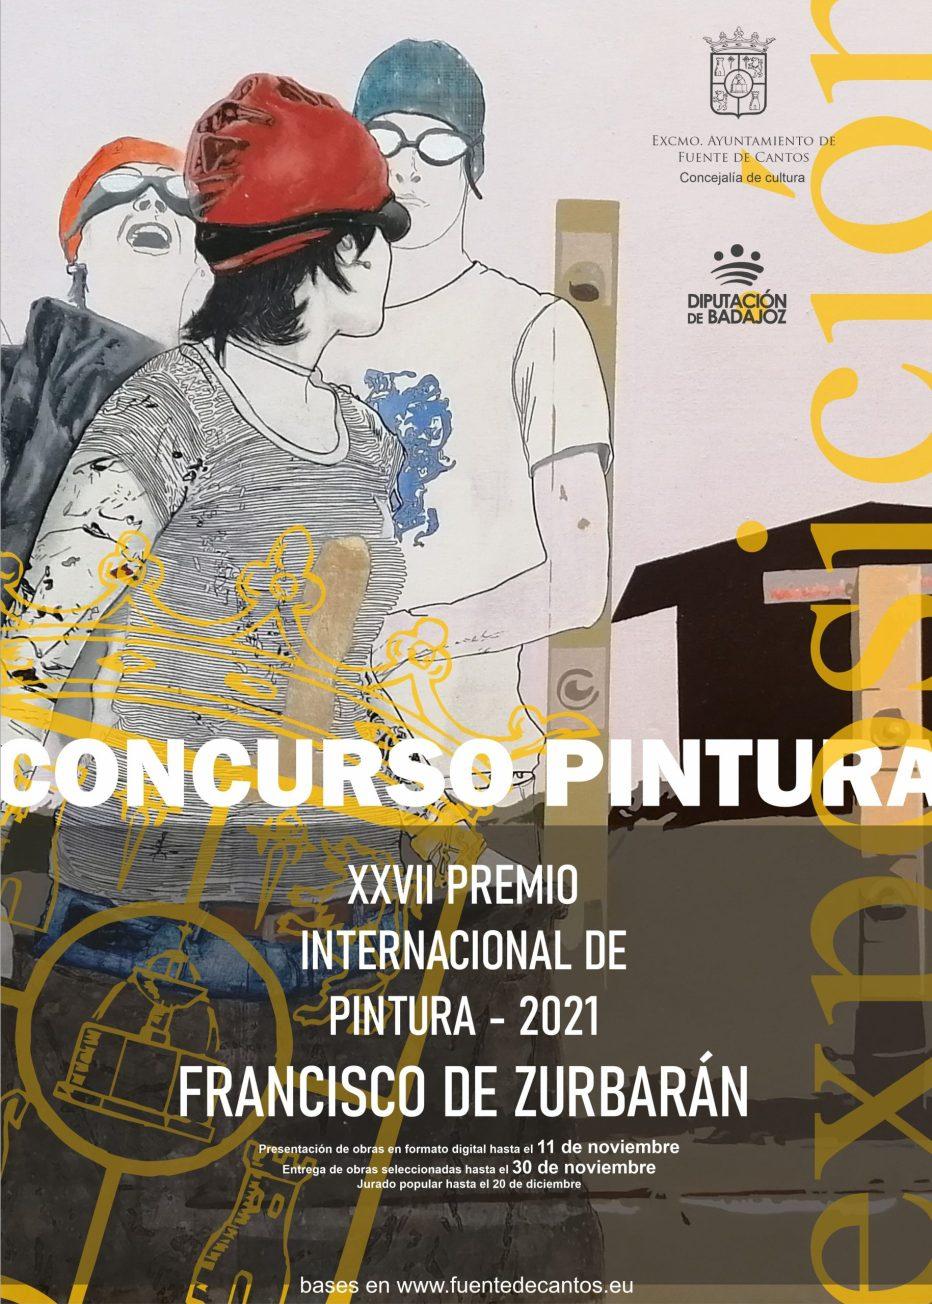 XXVII PREMIO INTERNACIONAL DE PINTURA FRANCISCO DE ZURBARÁN